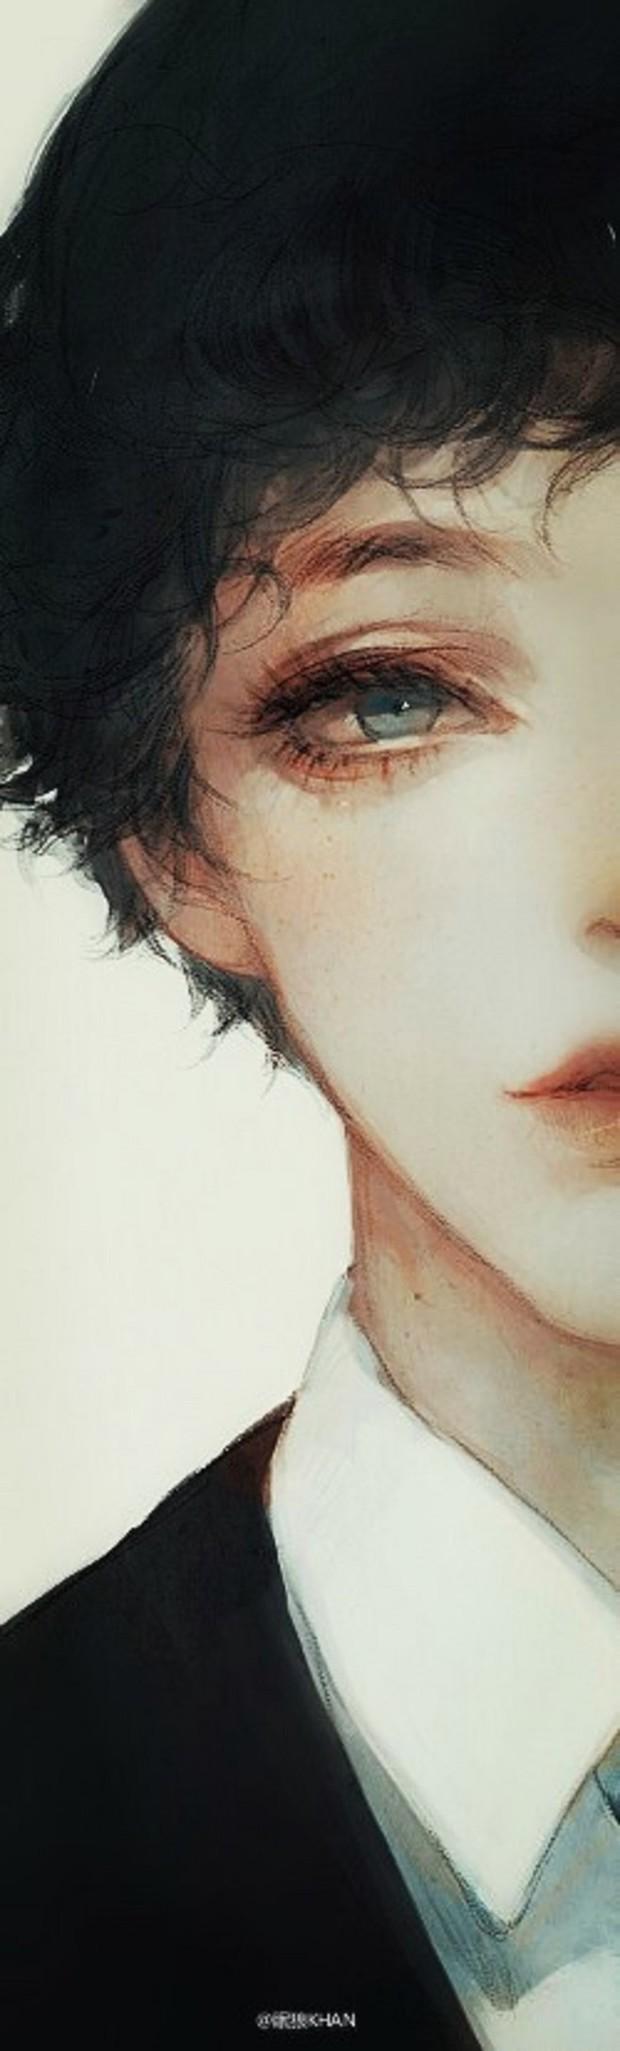 求动漫男生头像,那种在笑,眼睛含着泪水或者边哭边笑的